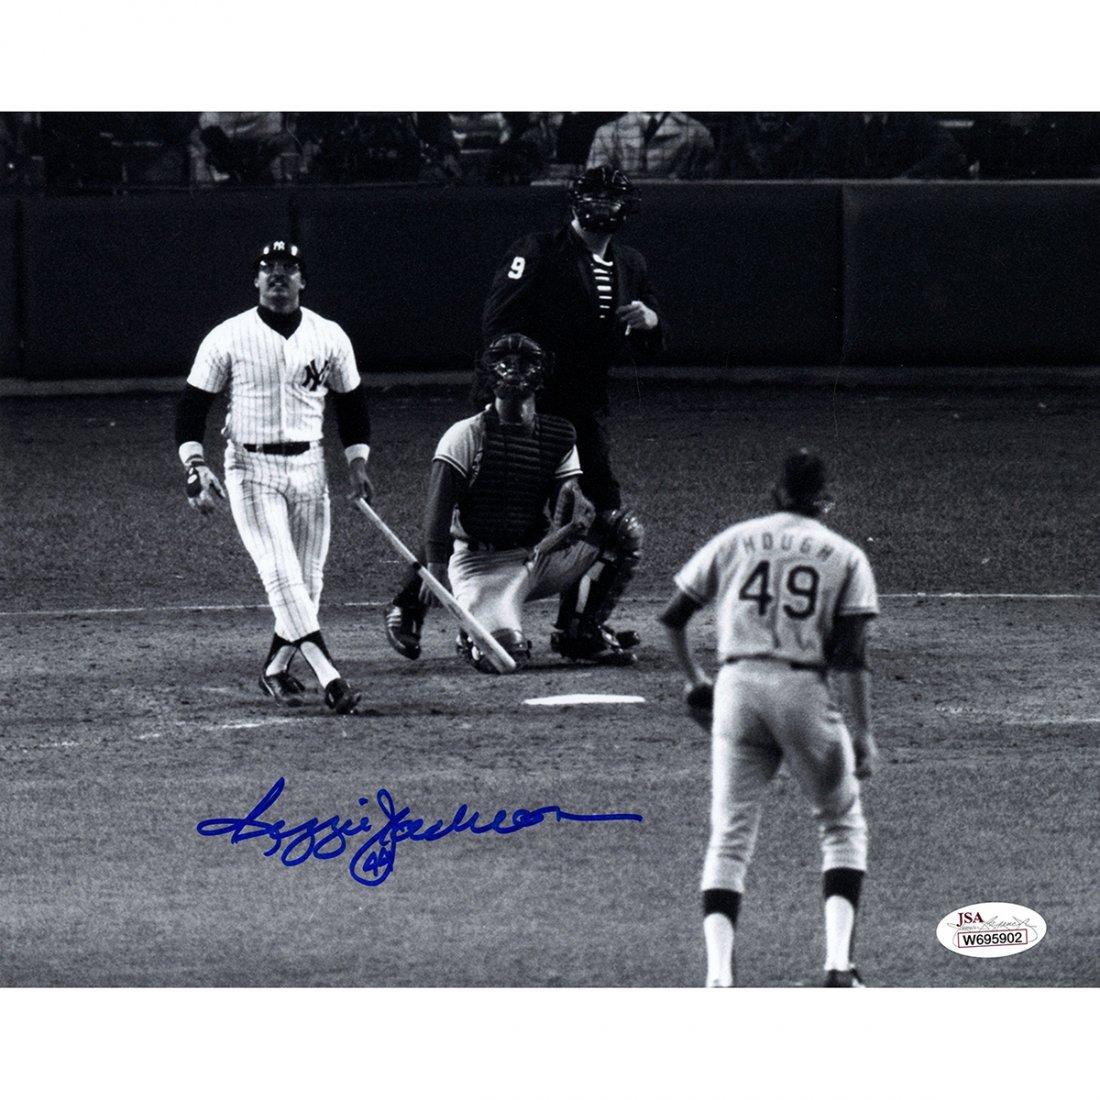 Reggie Jackson Signed 8x10 Photo (JSA)